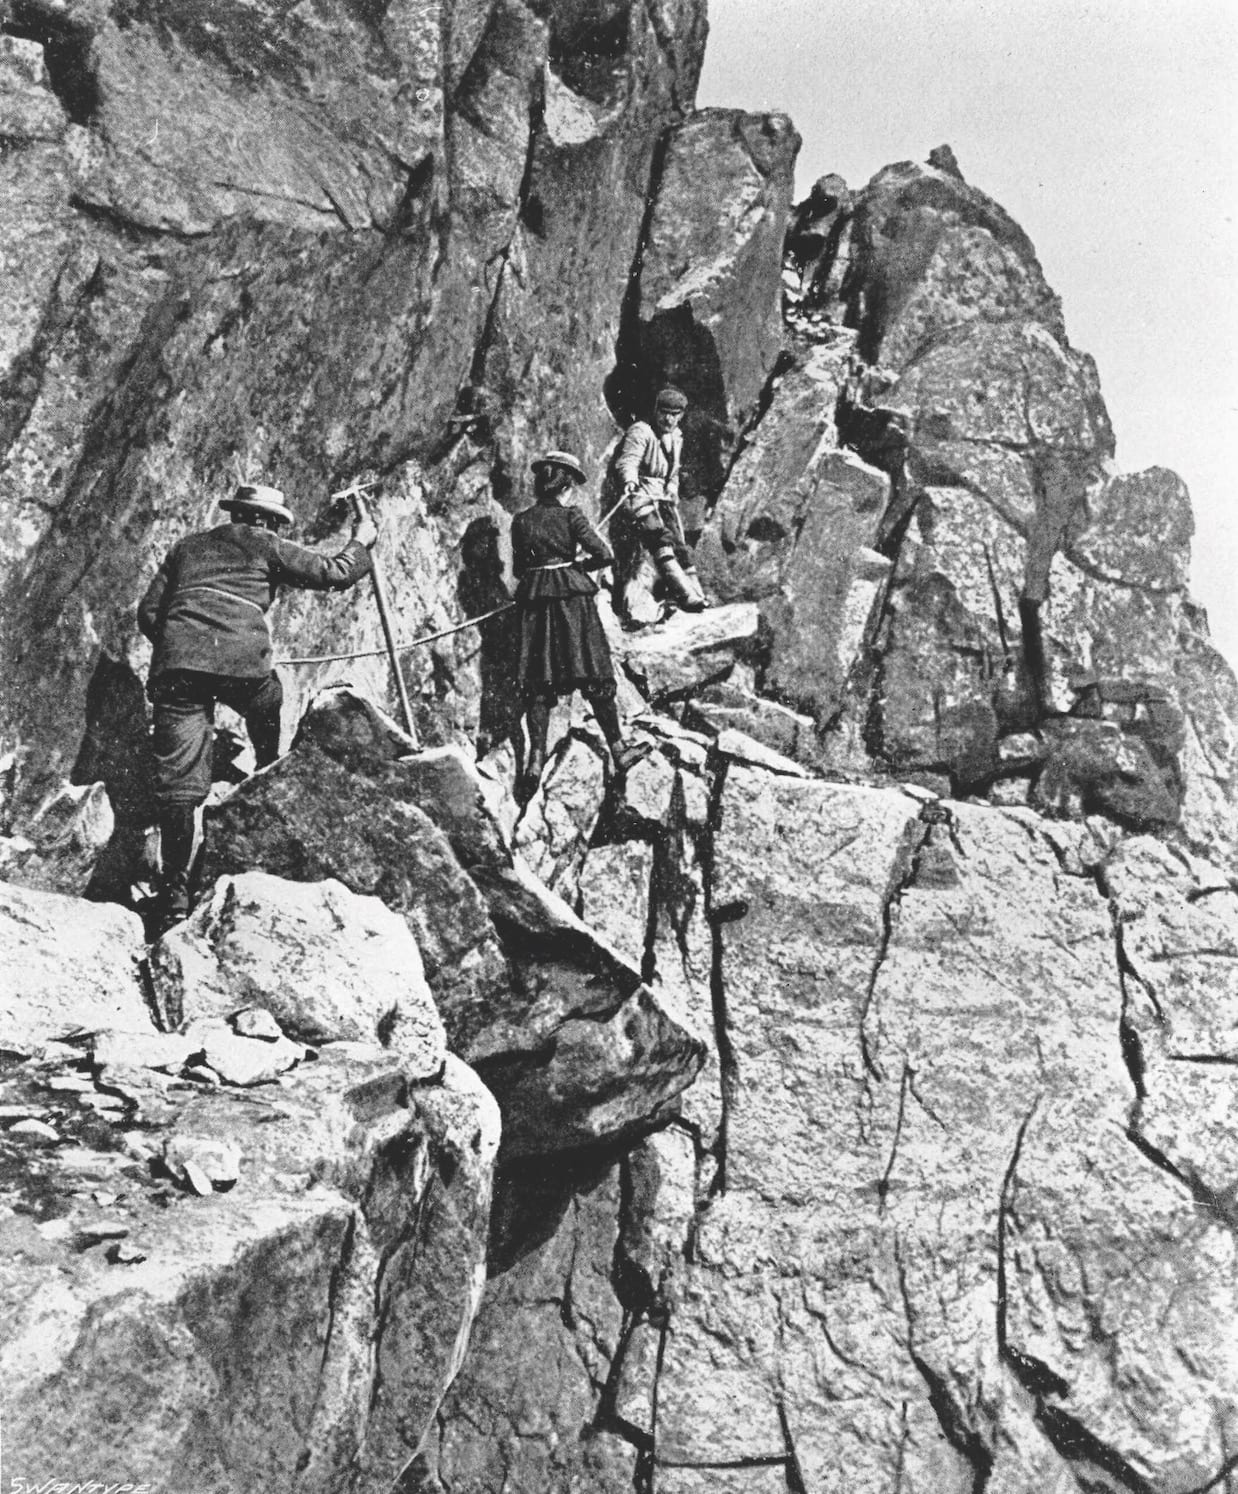 Slingsby, Bertheau, Berge galleriene 1900 - Foto-George Percival Baker